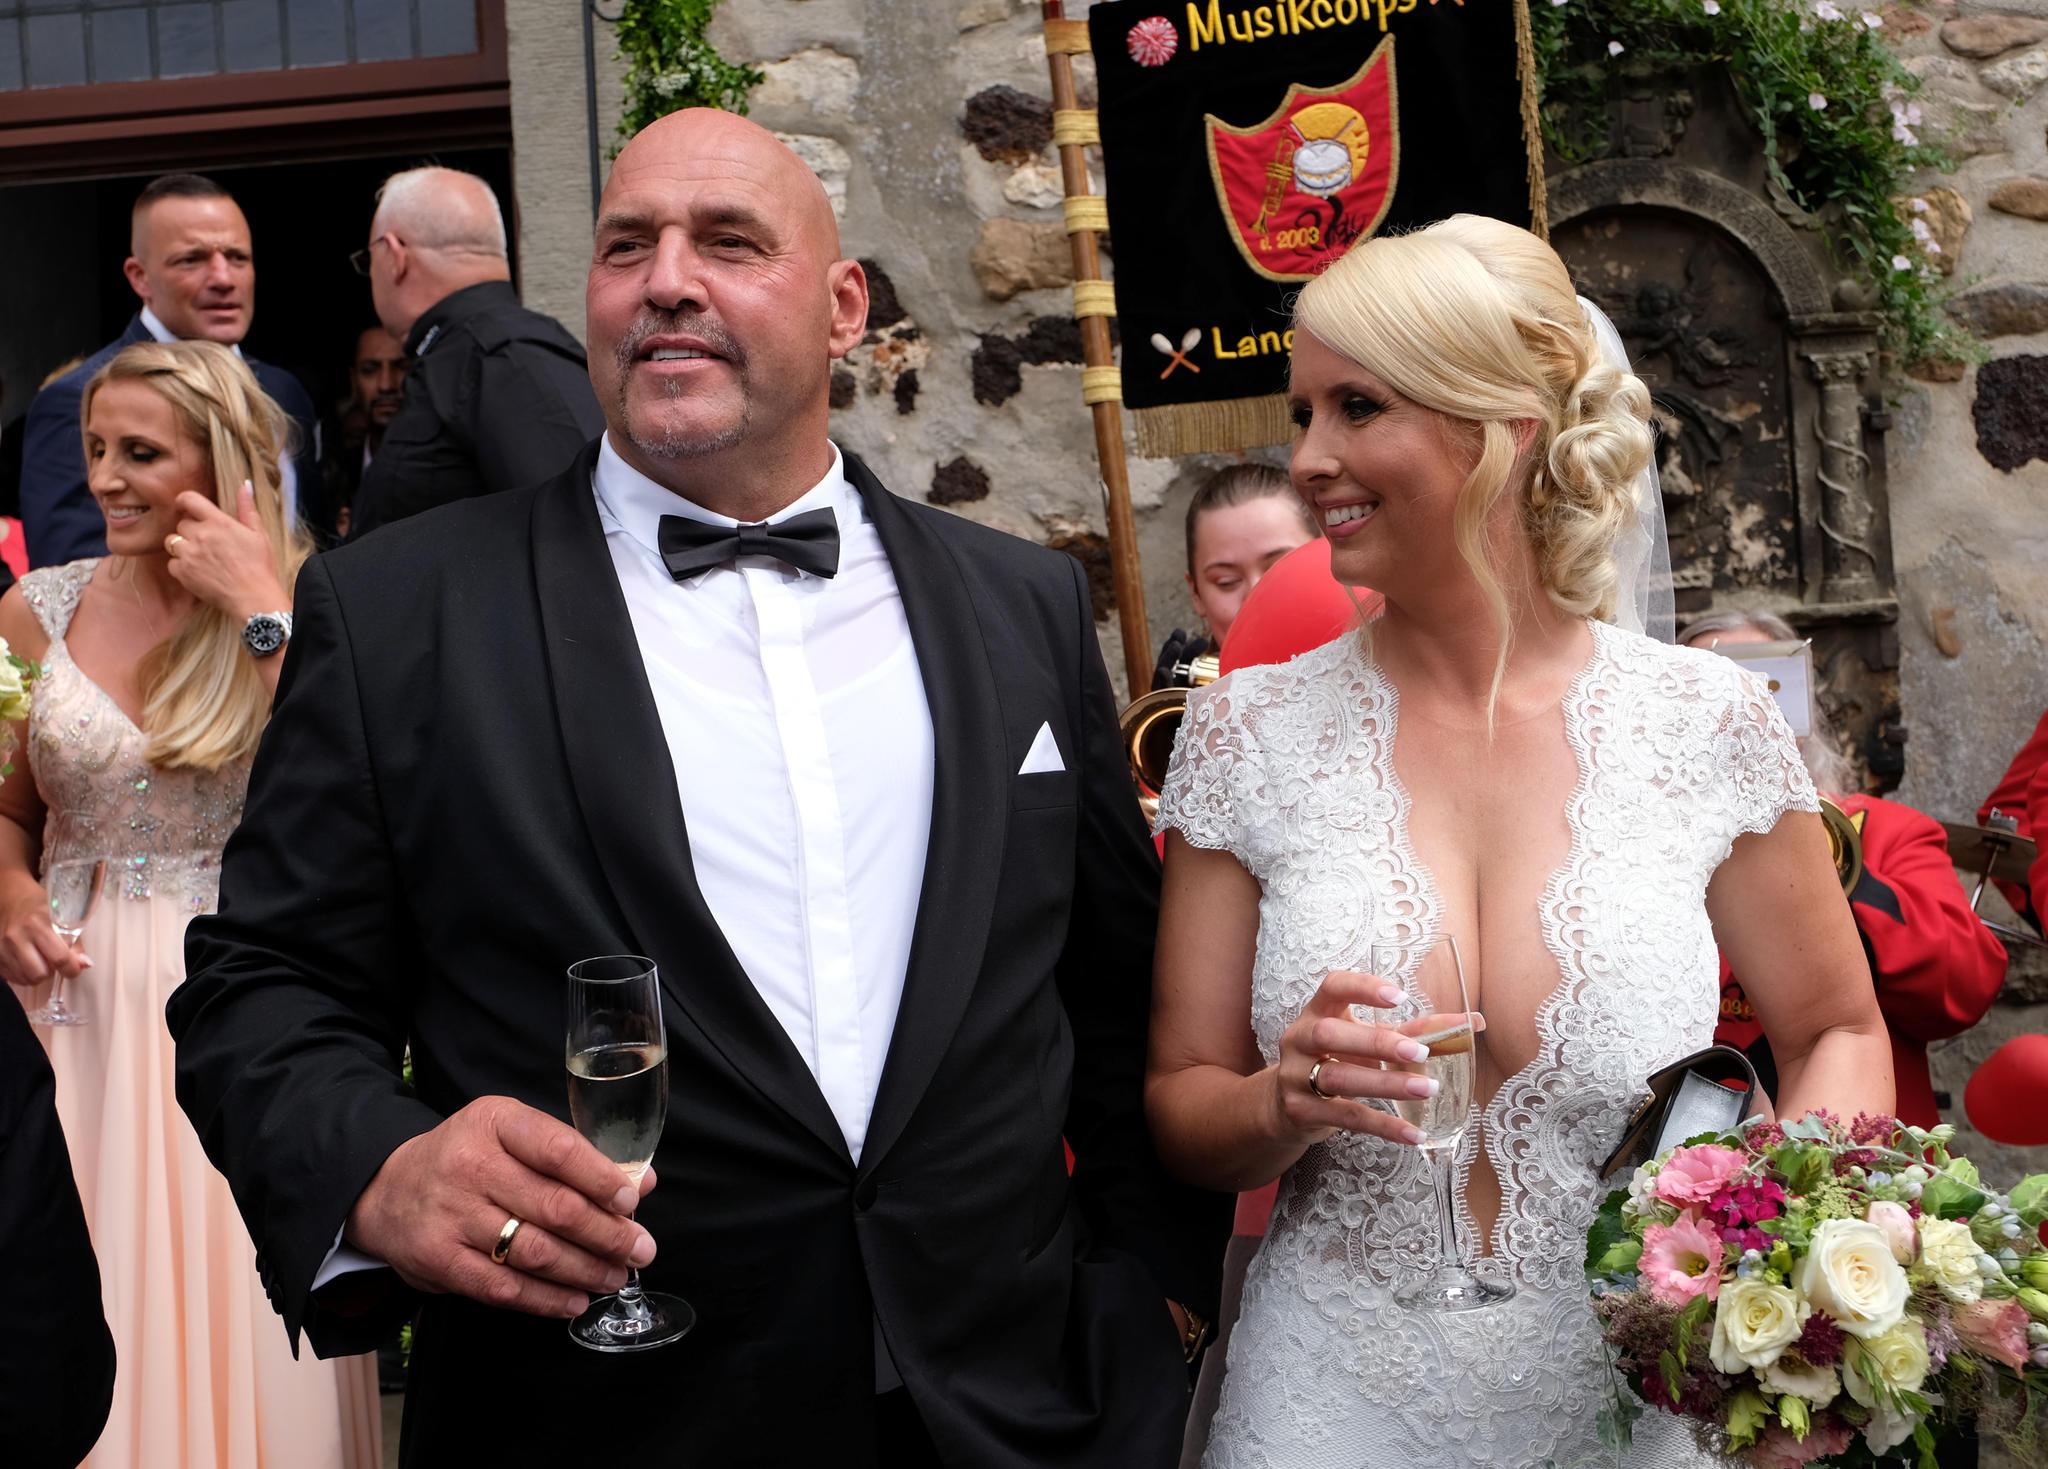 Frank Hanebuth Rocker Hochzeit Legt Dorf Zeitweise Lahm Stern De